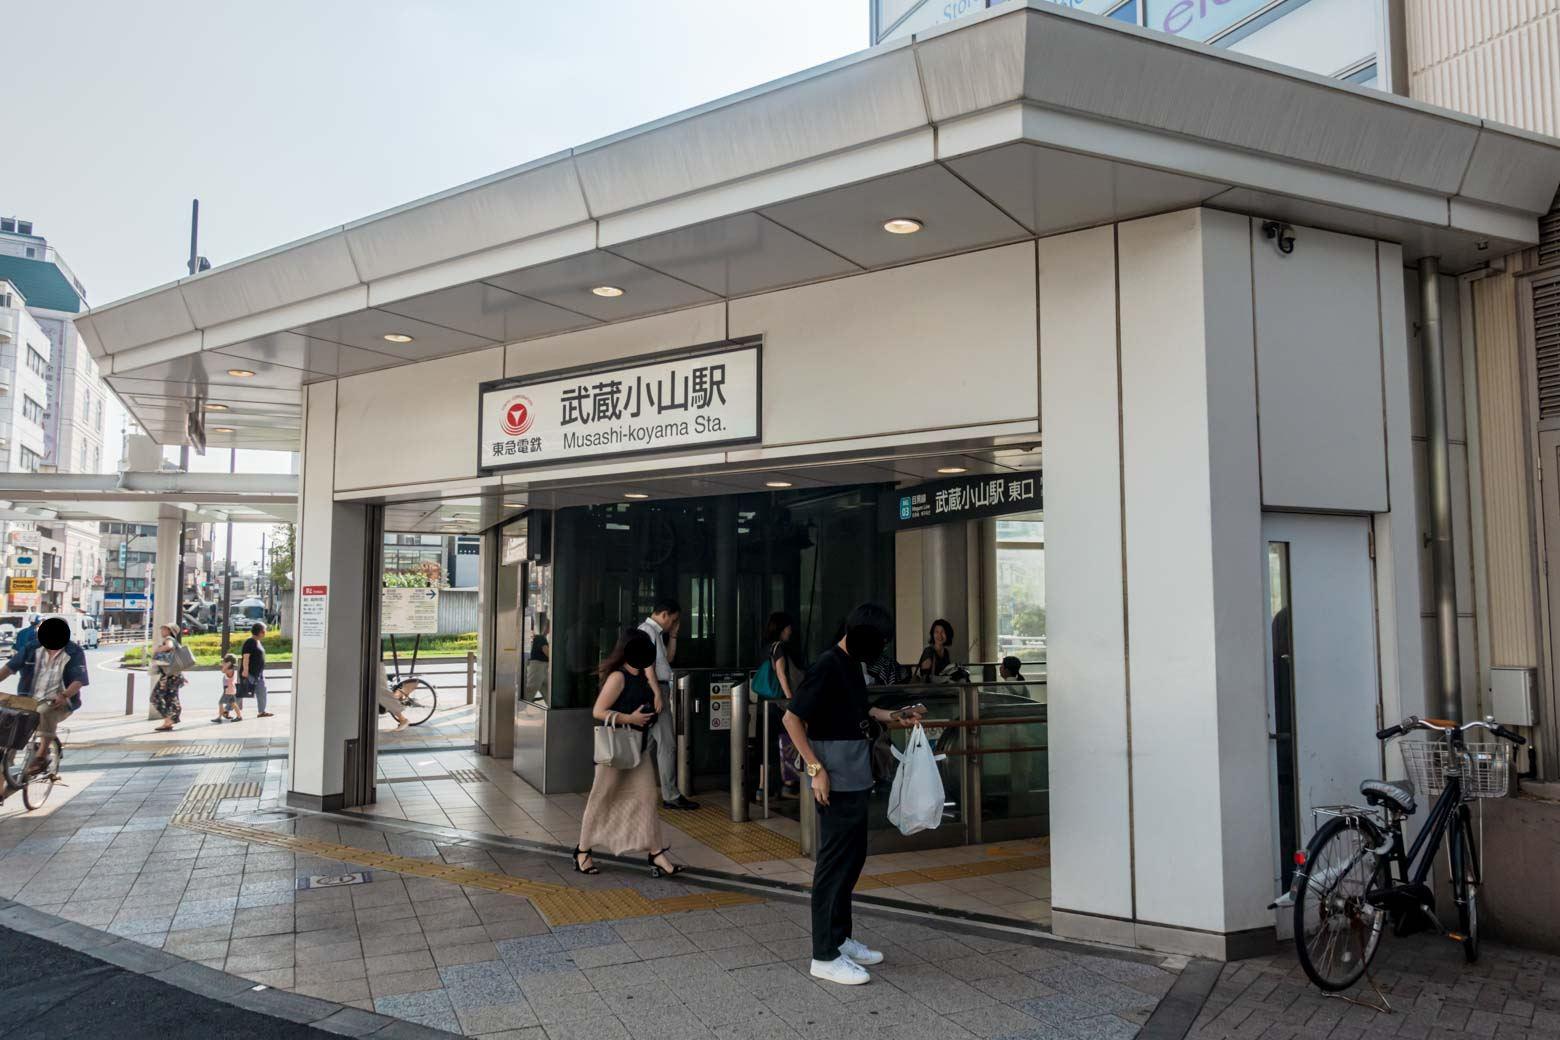 武蔵小山に到着。町歩き開始です。気温は35℃を超えていますが、ひとつ、がんばります。